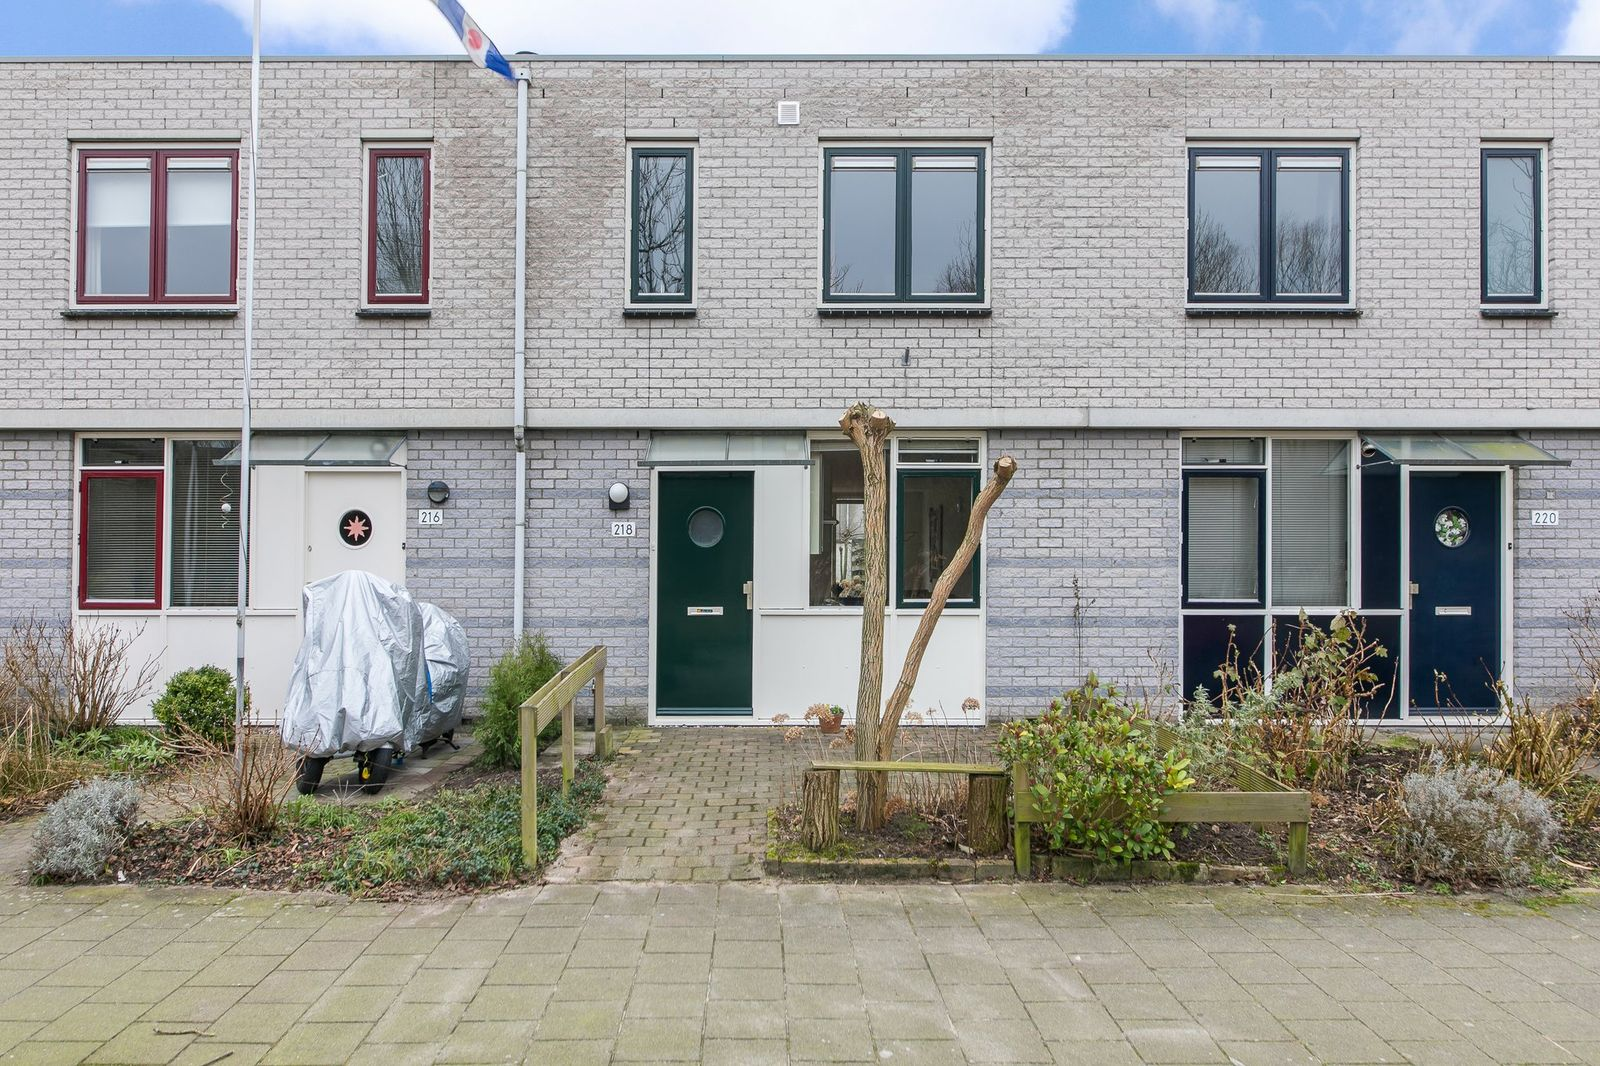 Augusto Sandinostraat 218, Utrecht